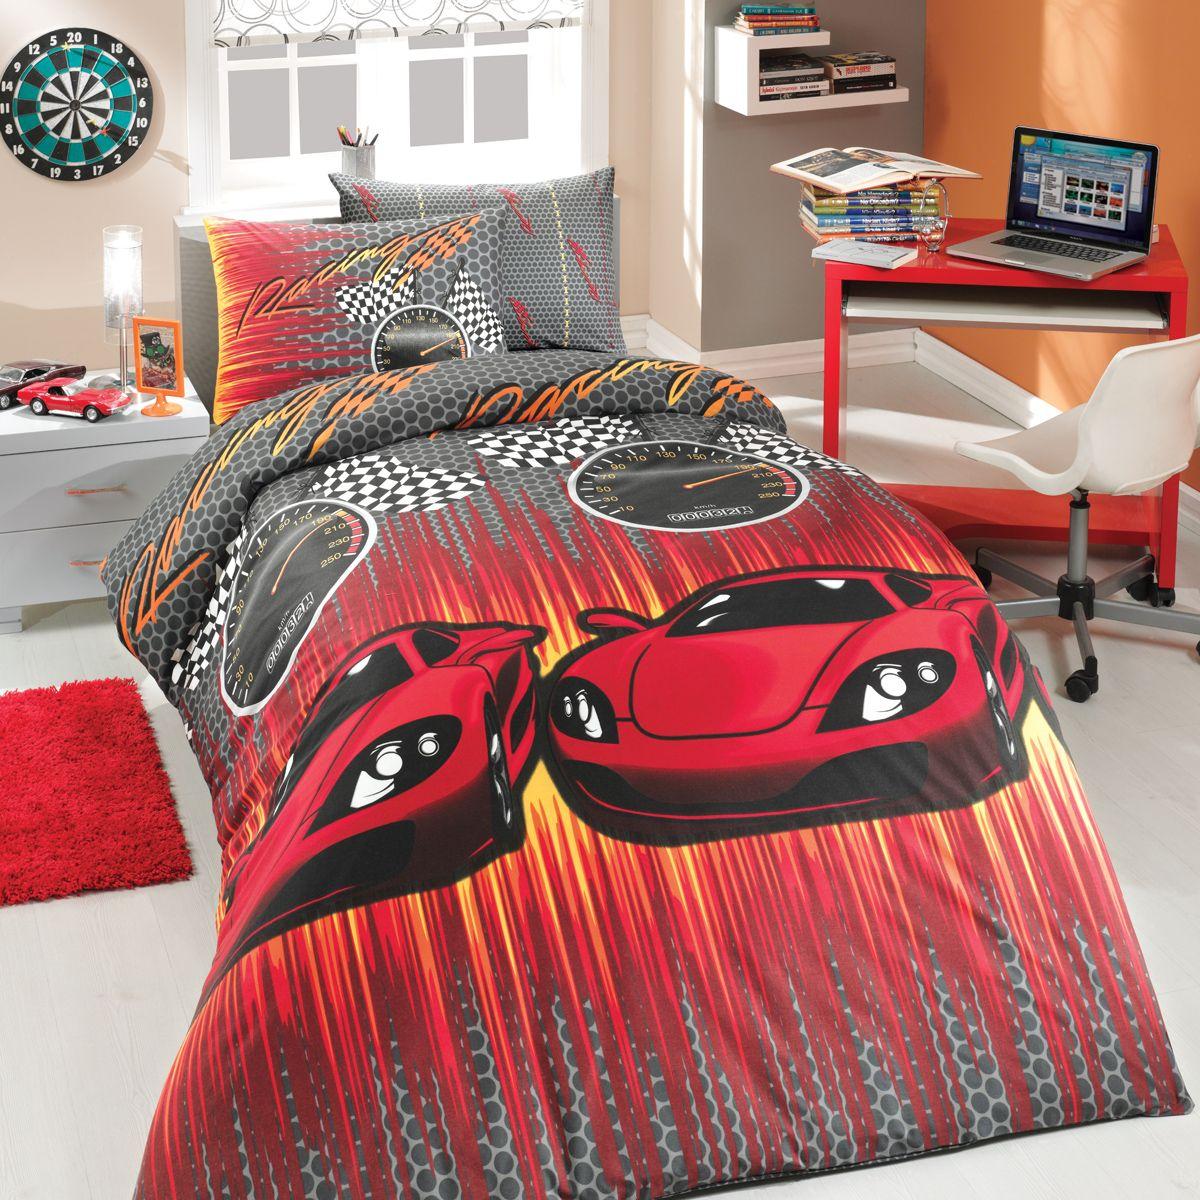 Комплект белья Hobby Home Collection Speed, 1,5-спальный, наволочки 50x70, 70x70, цвет: красныйS03301004Эта коллекция для современных и энергичных людей, производится из высококачественного 100% натурального хлопка, практичнее льна, подстраивается под температуру воздуха – зимой на таком белье тепло, летом прохладно. Стильный продукт, с оригинальными дизайнами и отличным выбором для людей, стремящихся всегда быть в центре внимания.